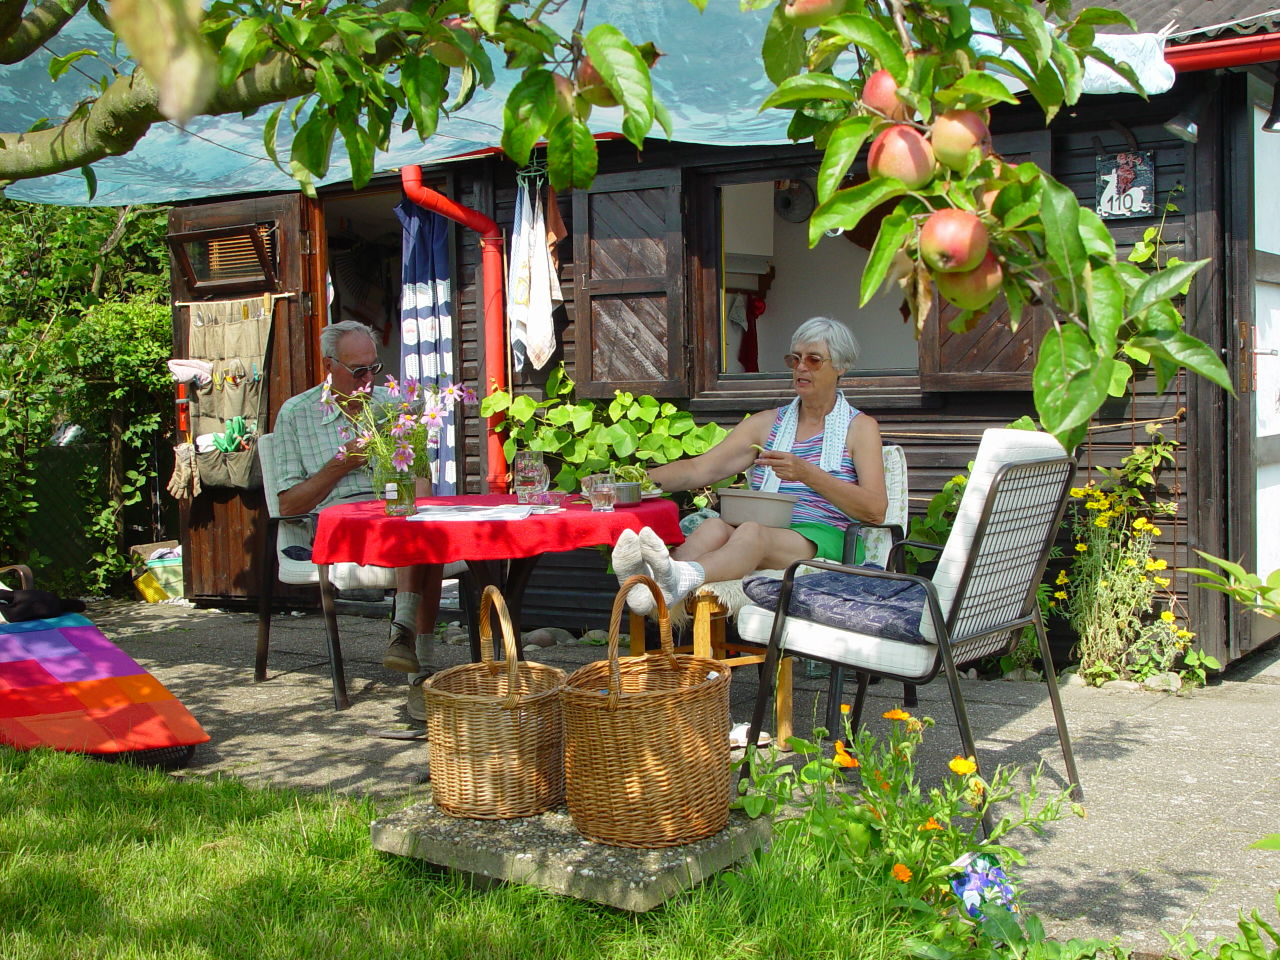 写真1. ラウベ (小屋)の前でくつろぐミューラー夫妻。ラウベとはクラインガルテンに建てる小さな小屋のこと、カールスルーエ ©MATSUDA, Masahiro